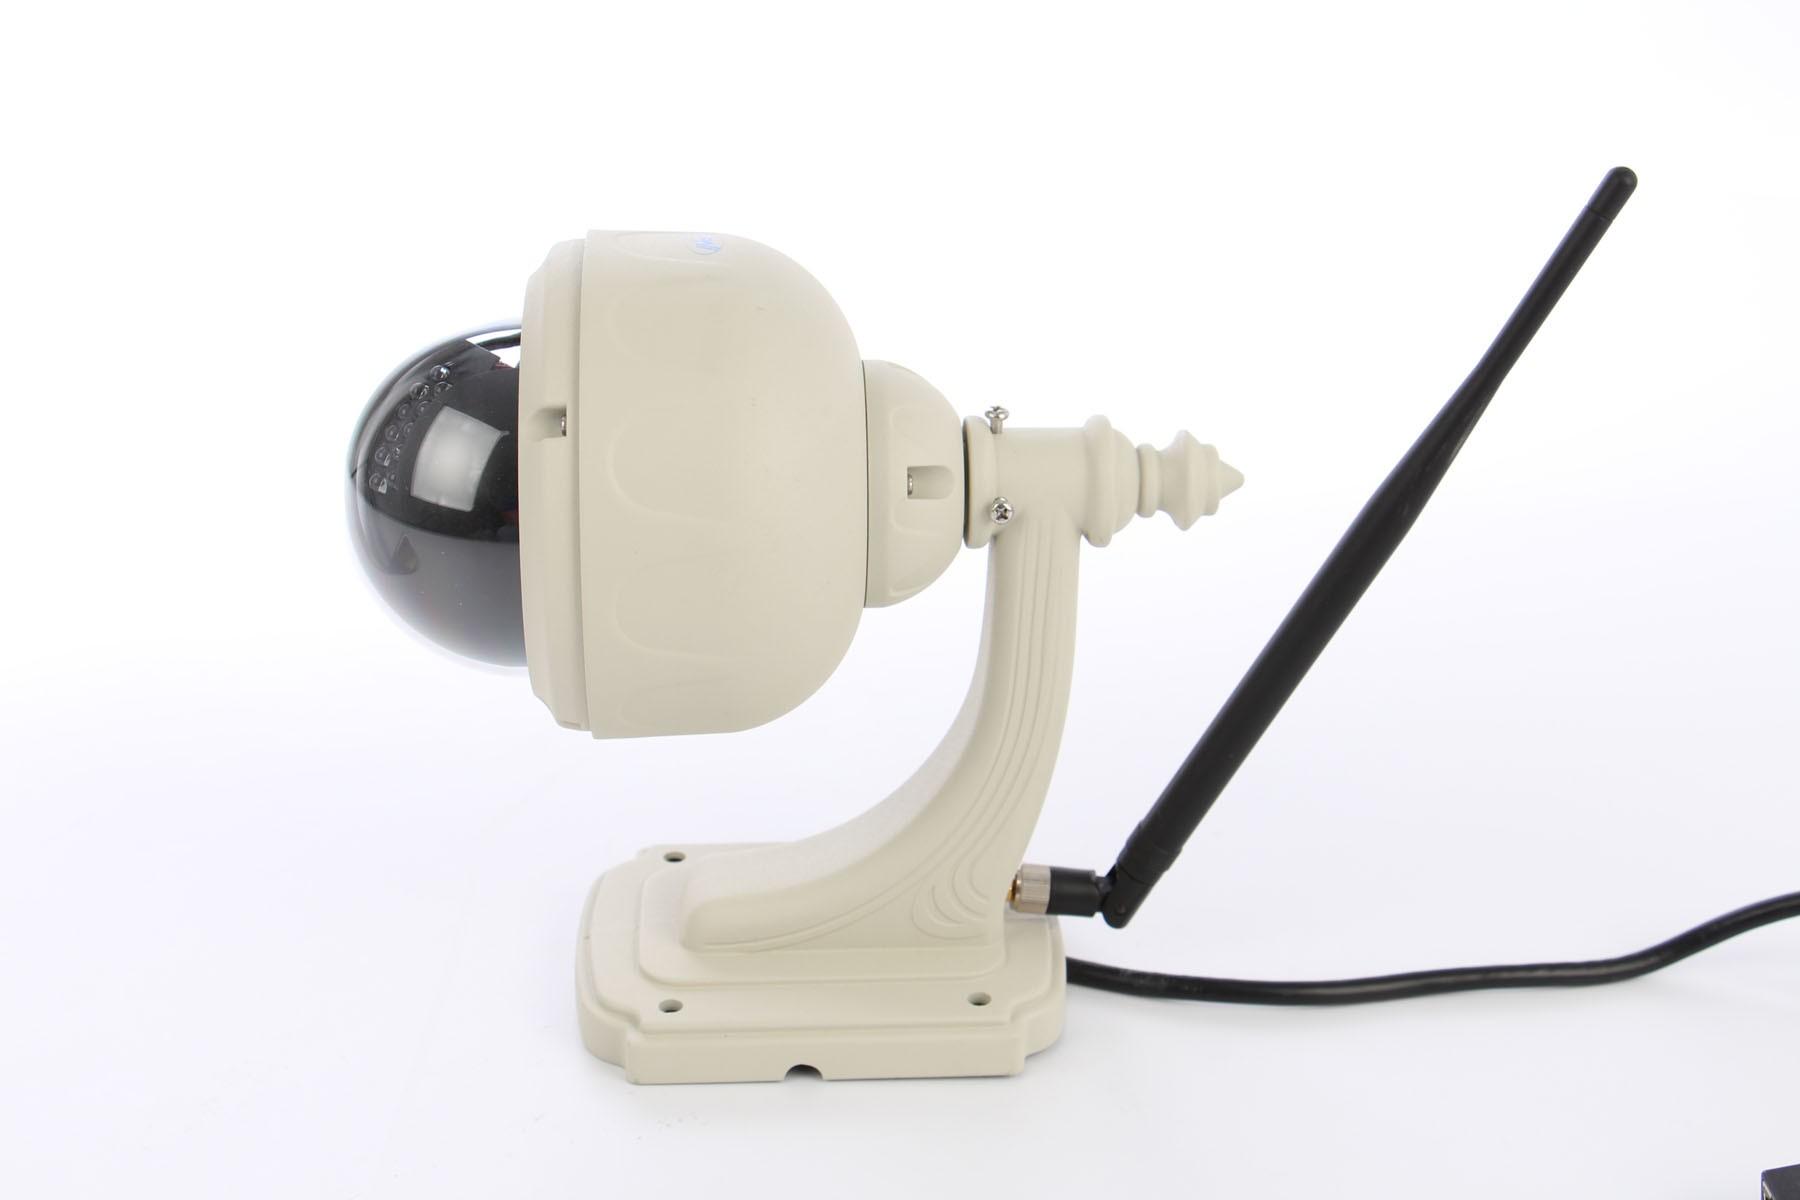 Plafoniera Led Dedeman : Plafoniera cu senzor de miscare dedeman sistem